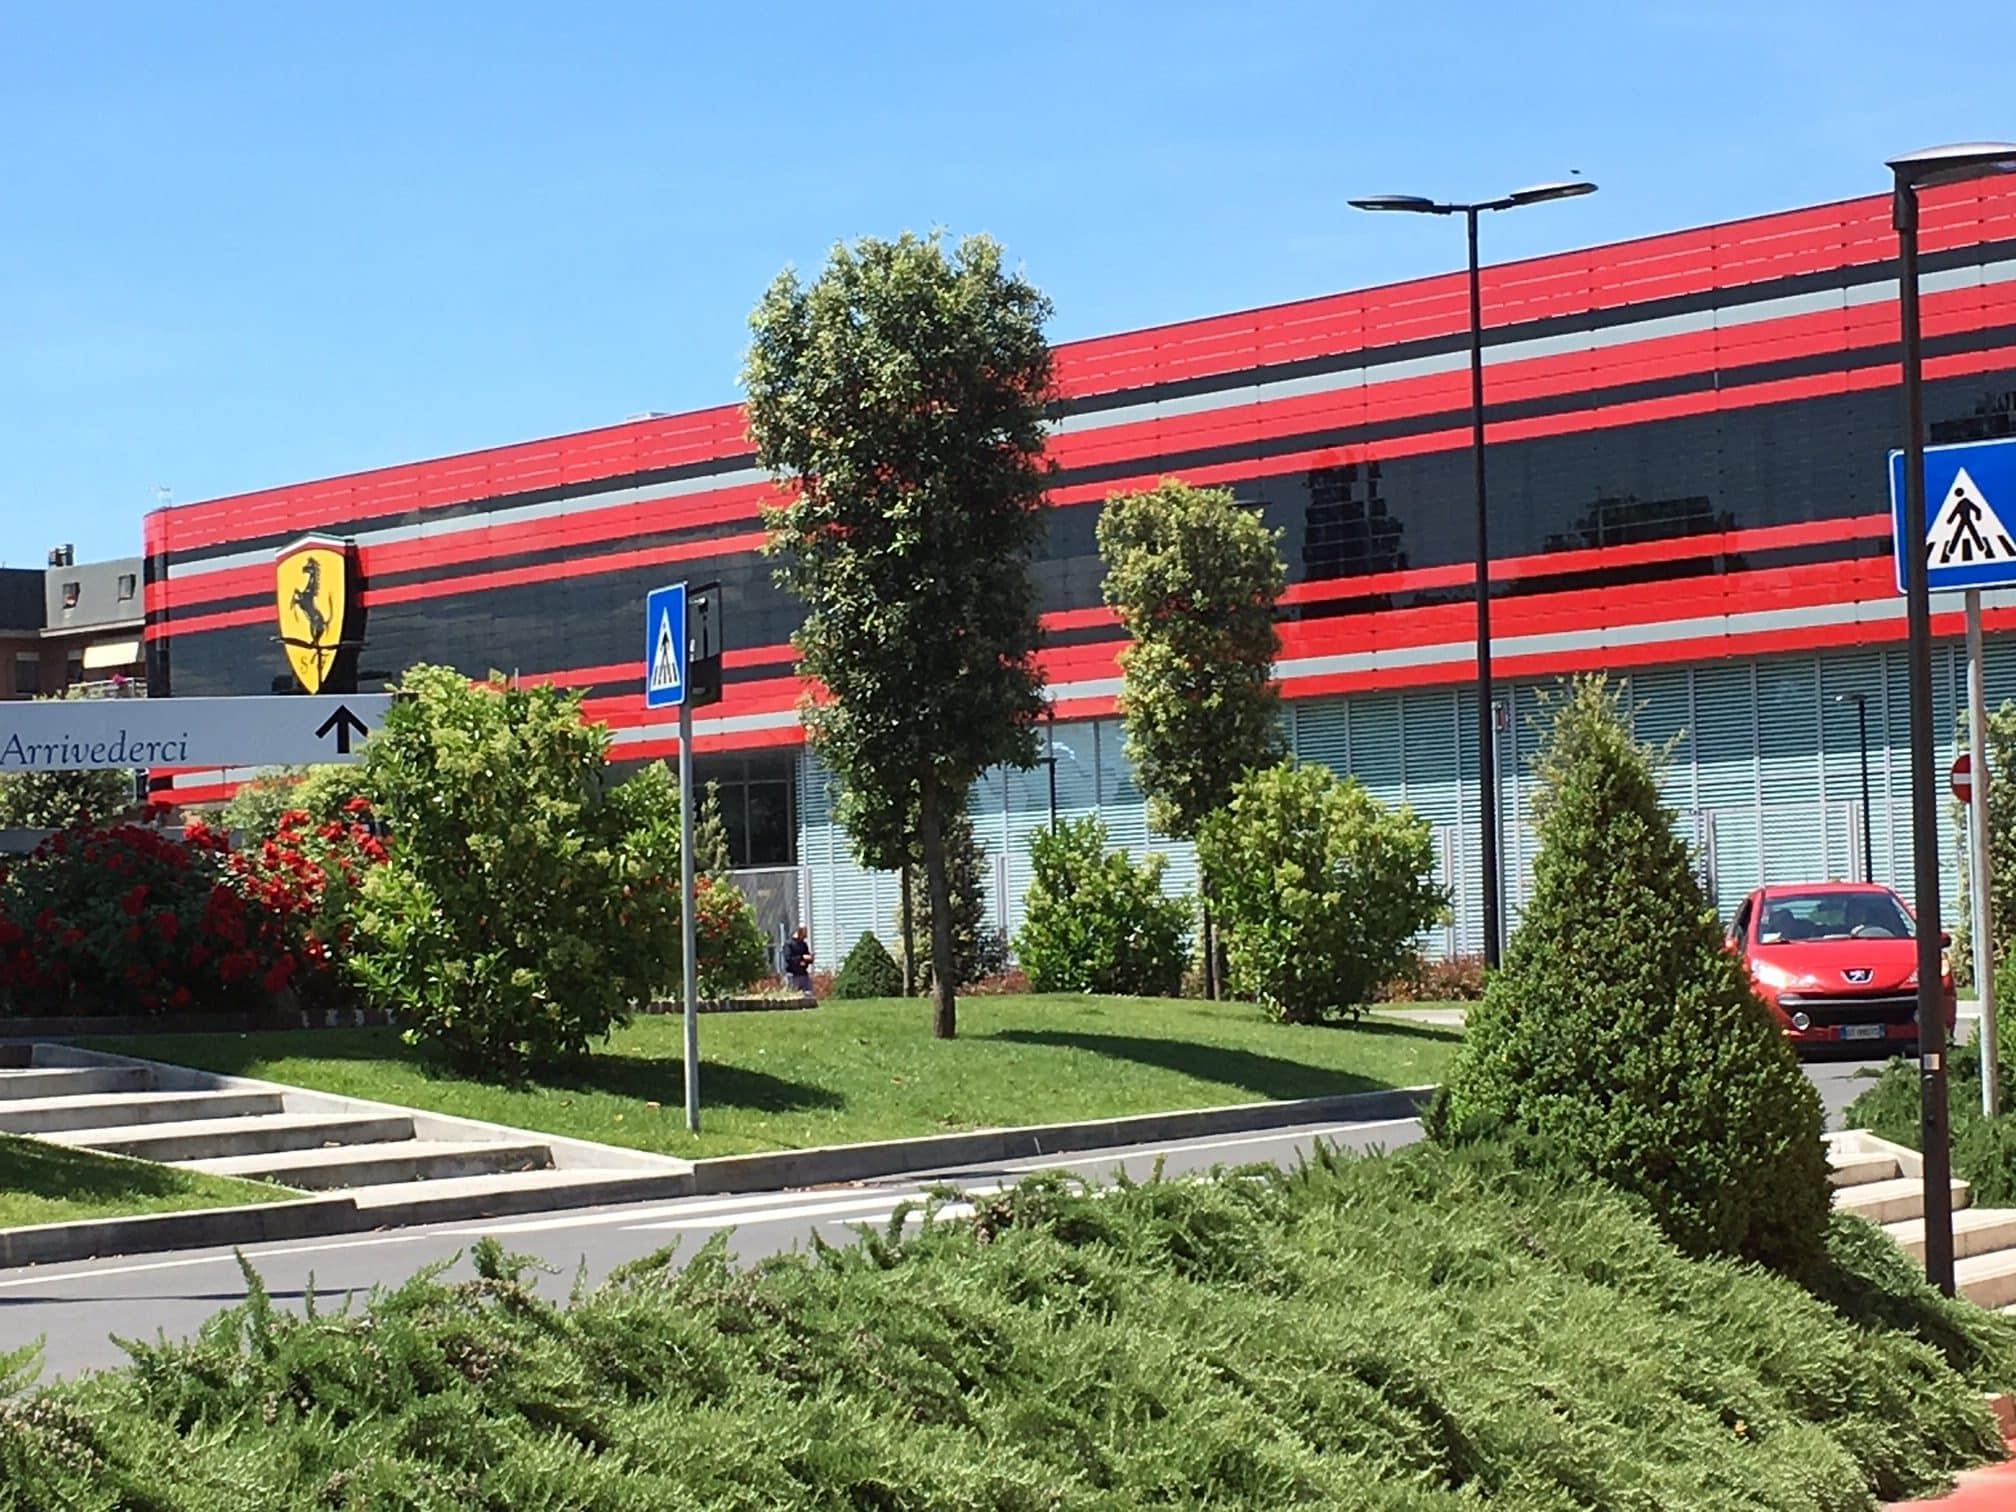 Ferrari Driving In Italy Based In Maranello Home Of Ferrari